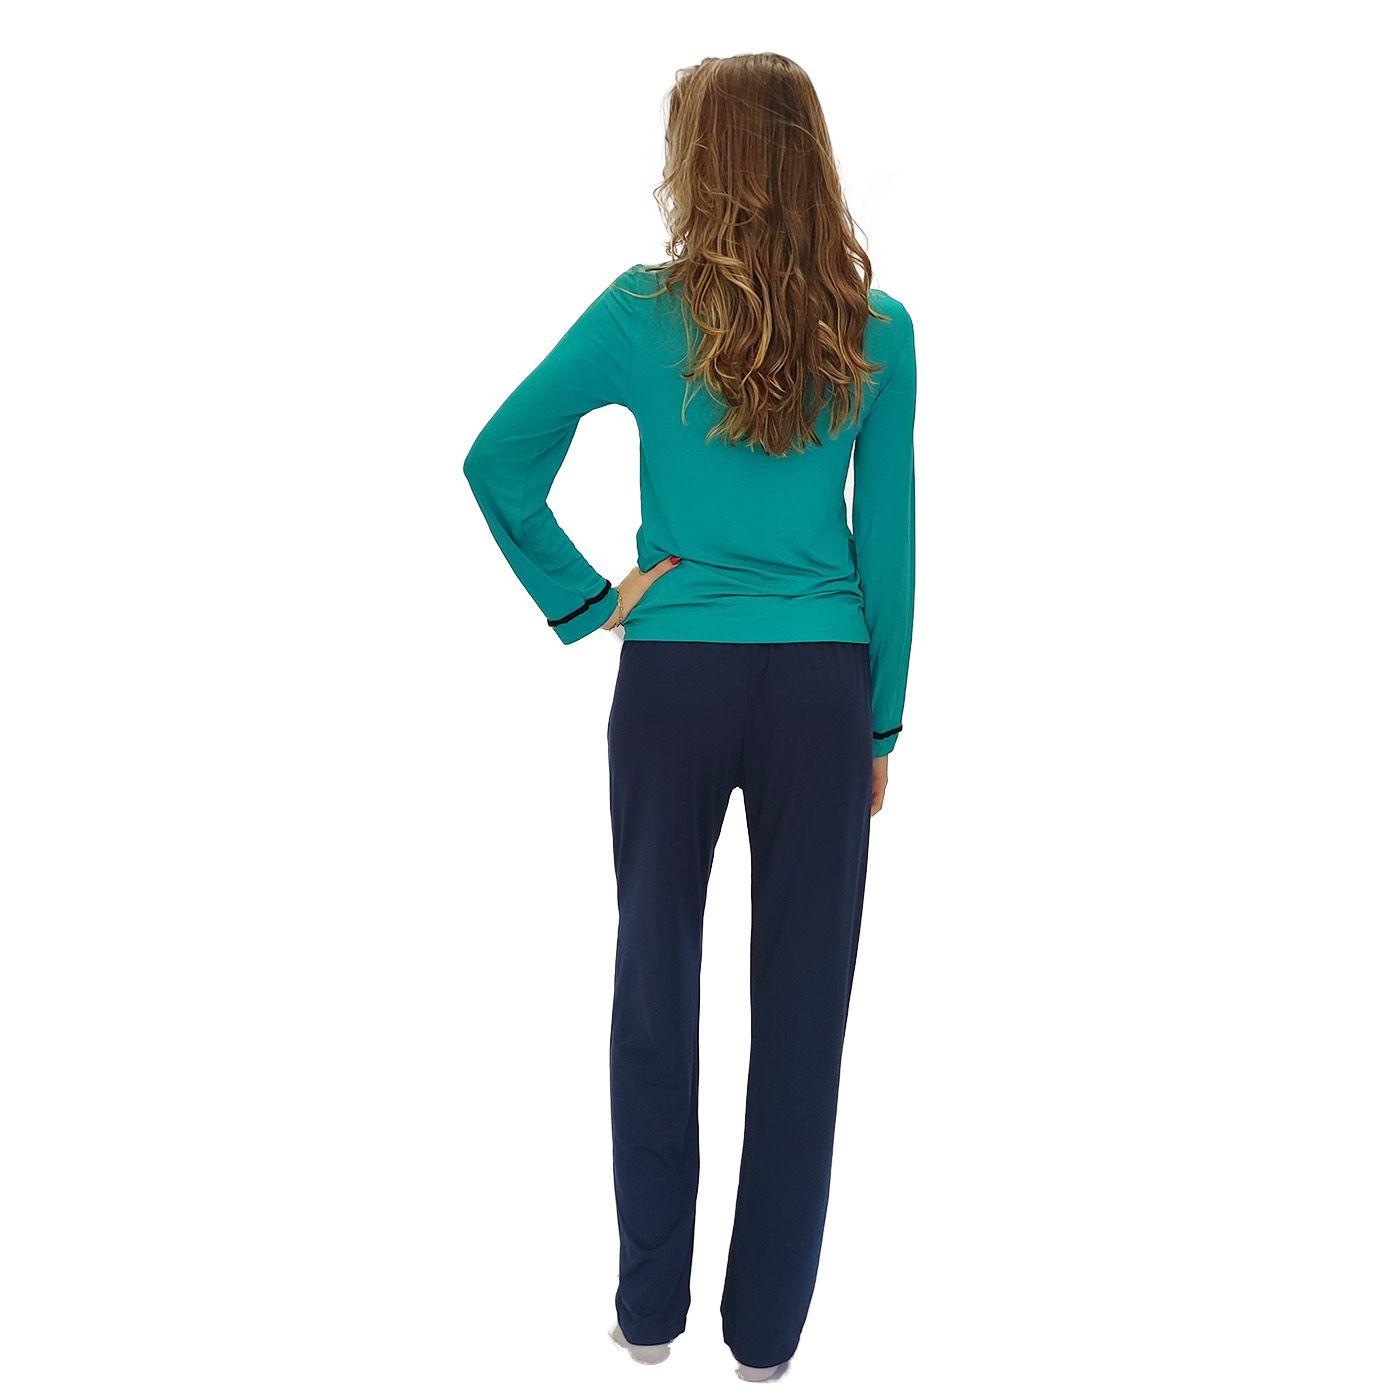 Pijama feminino frio sleepwear calça pantalona